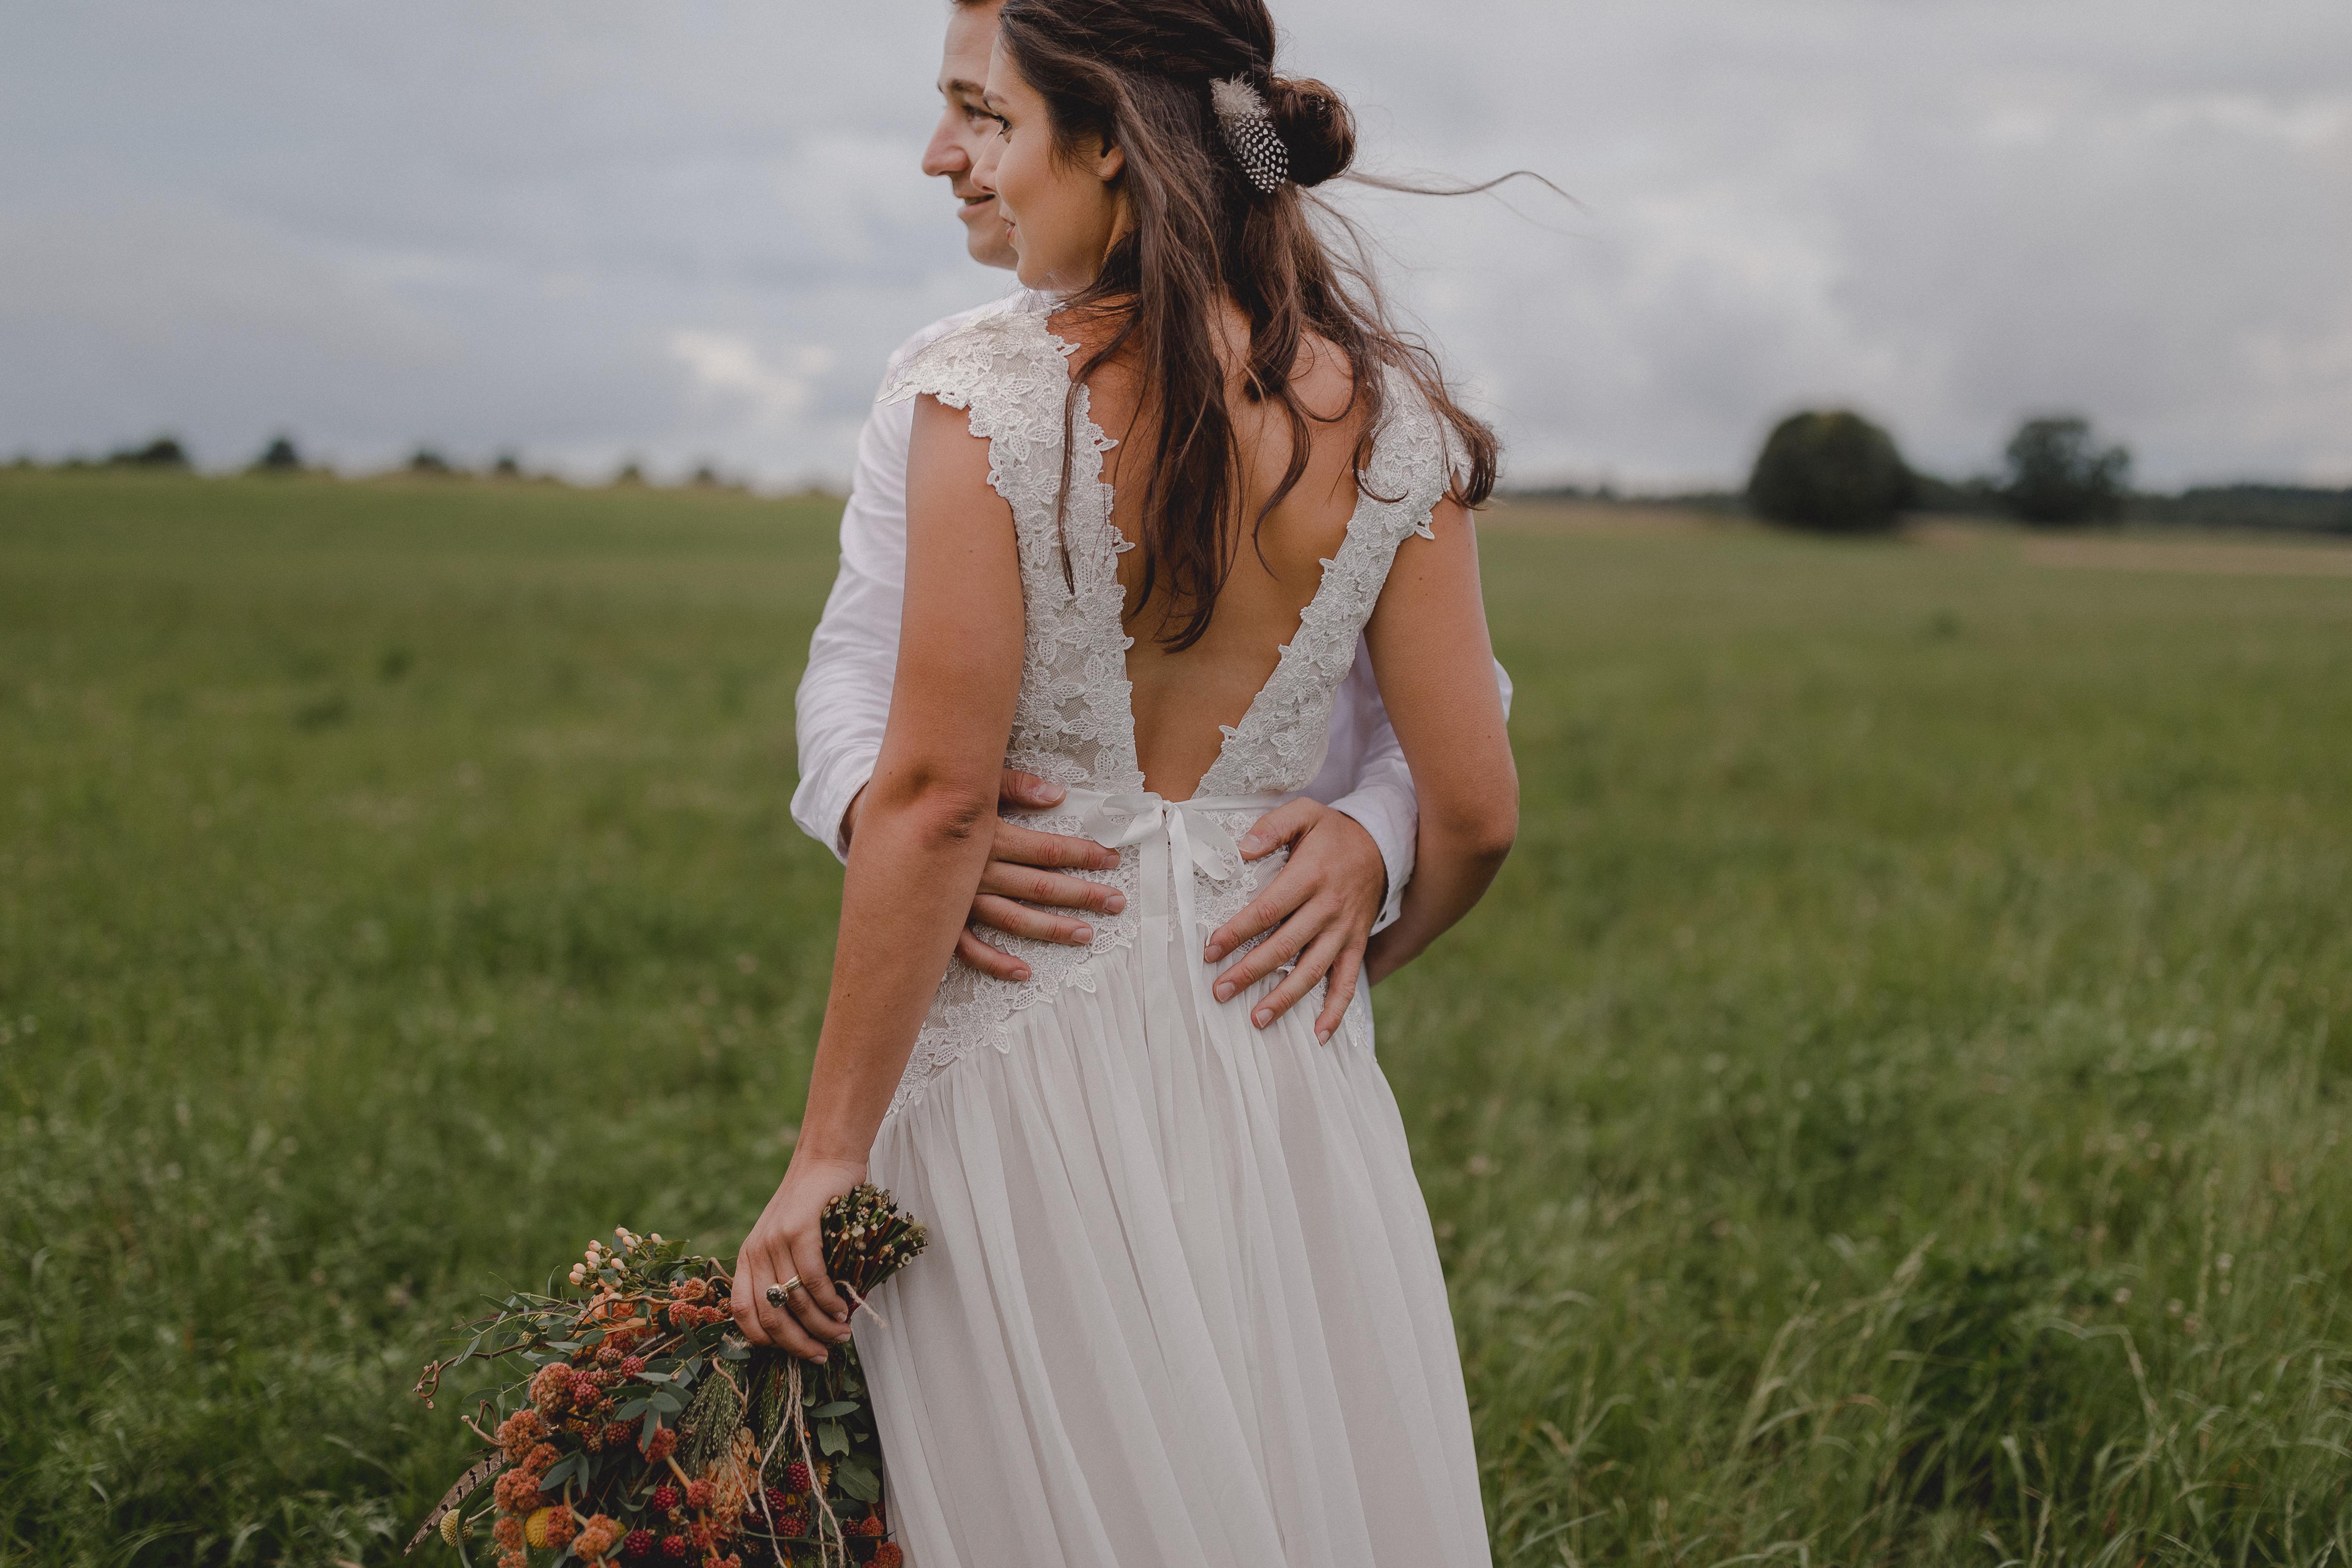 URBANERIE_Daniela_Goth_Vintage_Hochzeitsfotografin_Nuernberg_Fuerth_Erlangen_180721_0318